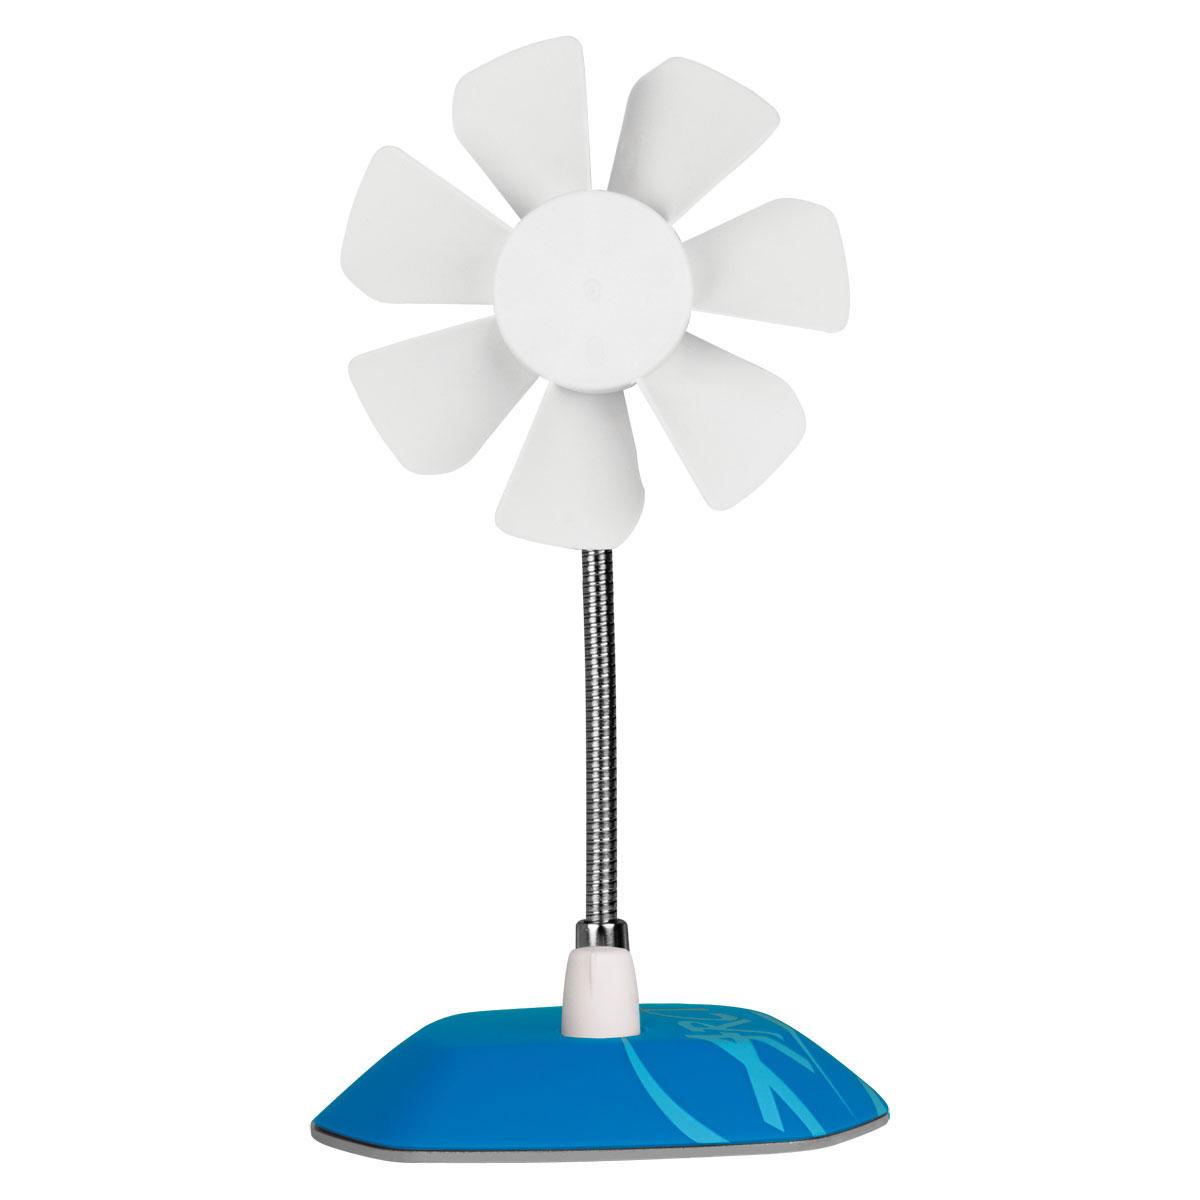 Arctic breeze bleu abaco brzbl01 bl achat vente informatique sur ldlc - Ventilateur de bureau usb ...